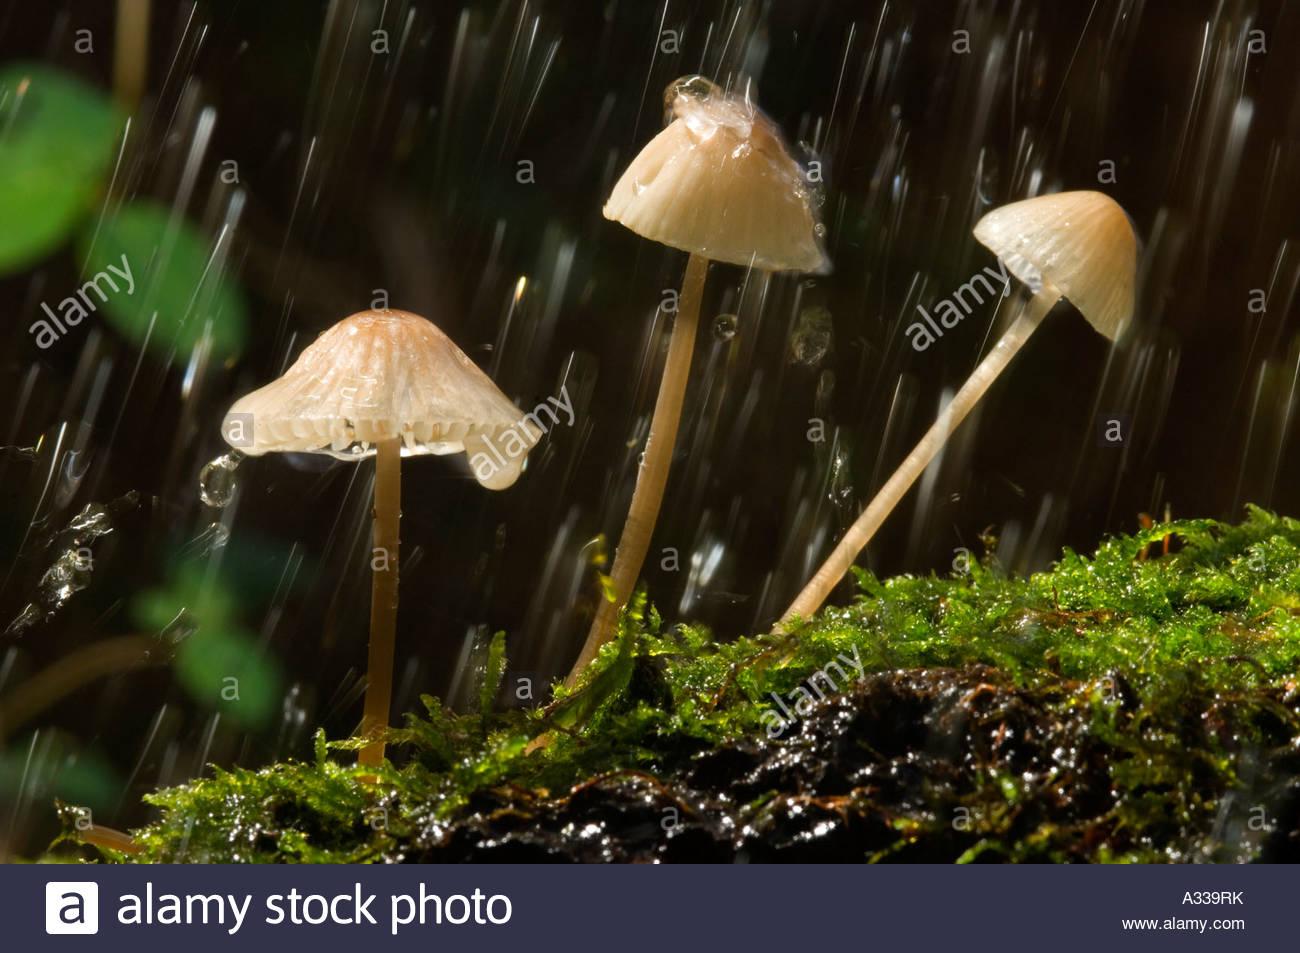 Fairy Bonnet toadstools Coprinus Disseminatus - Stock Image